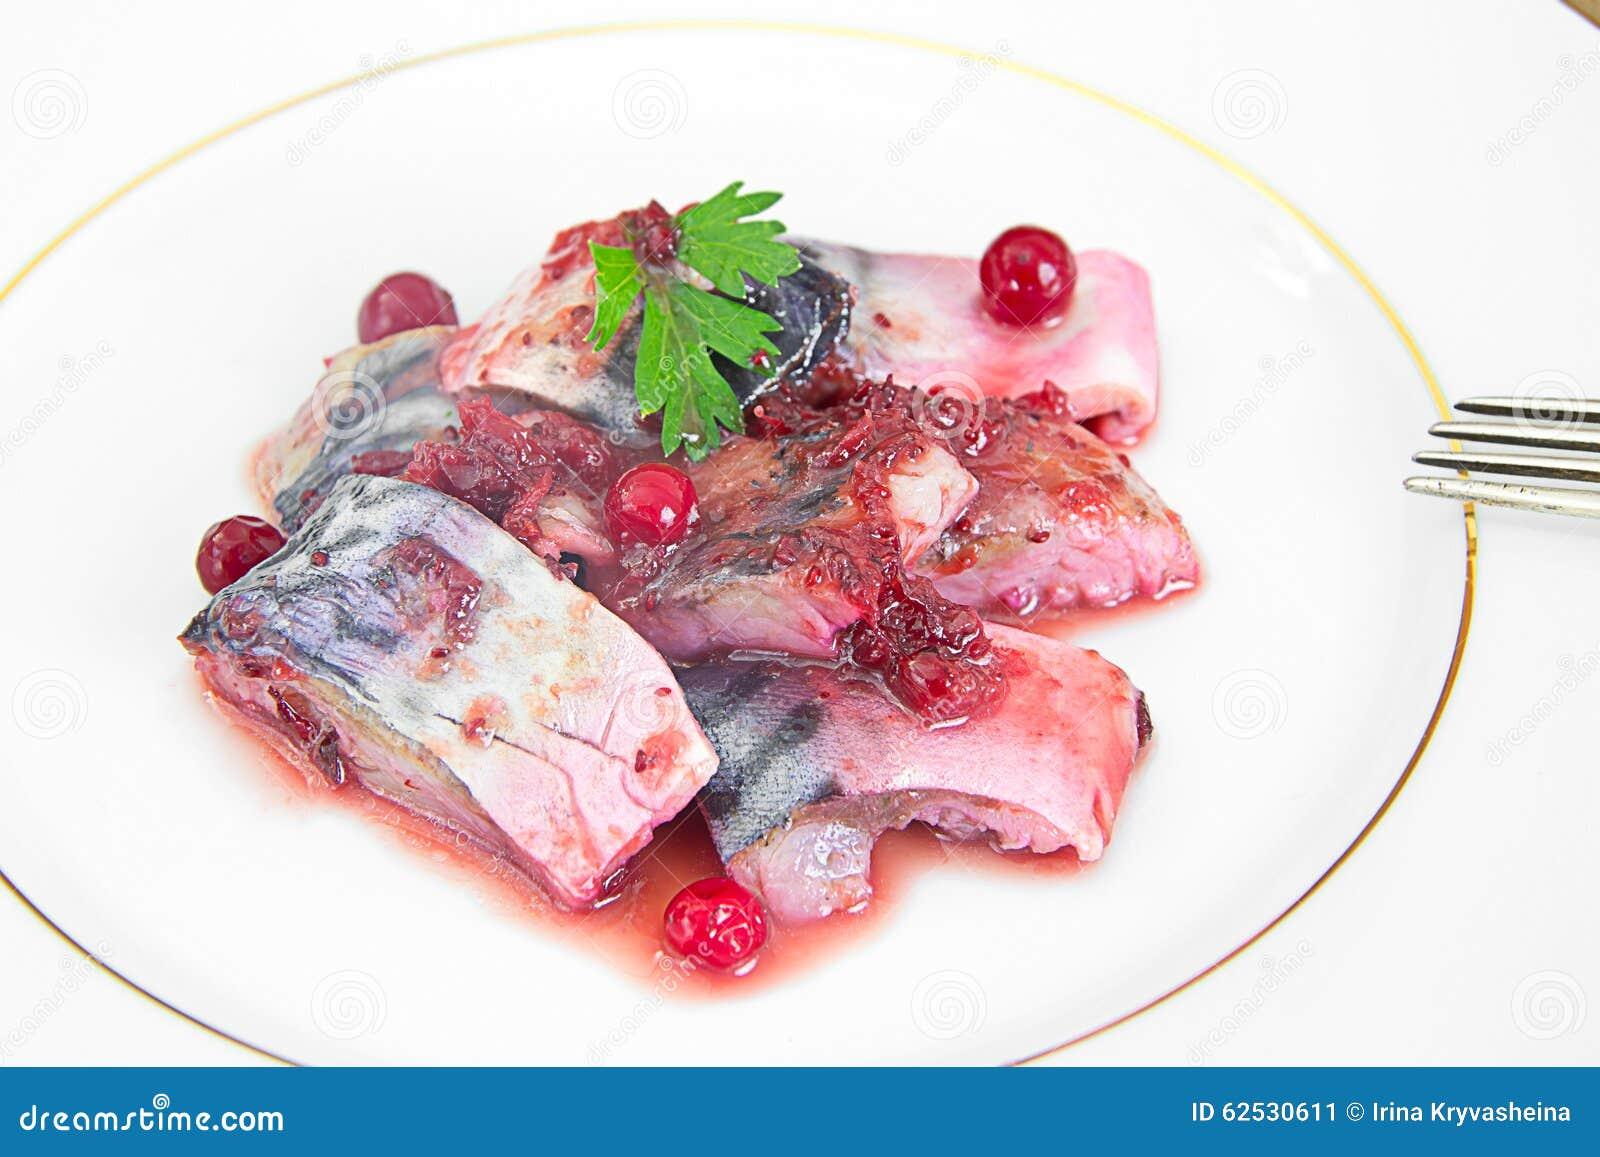 盐用卤汁泡的鲭鱼用蔓越桔和